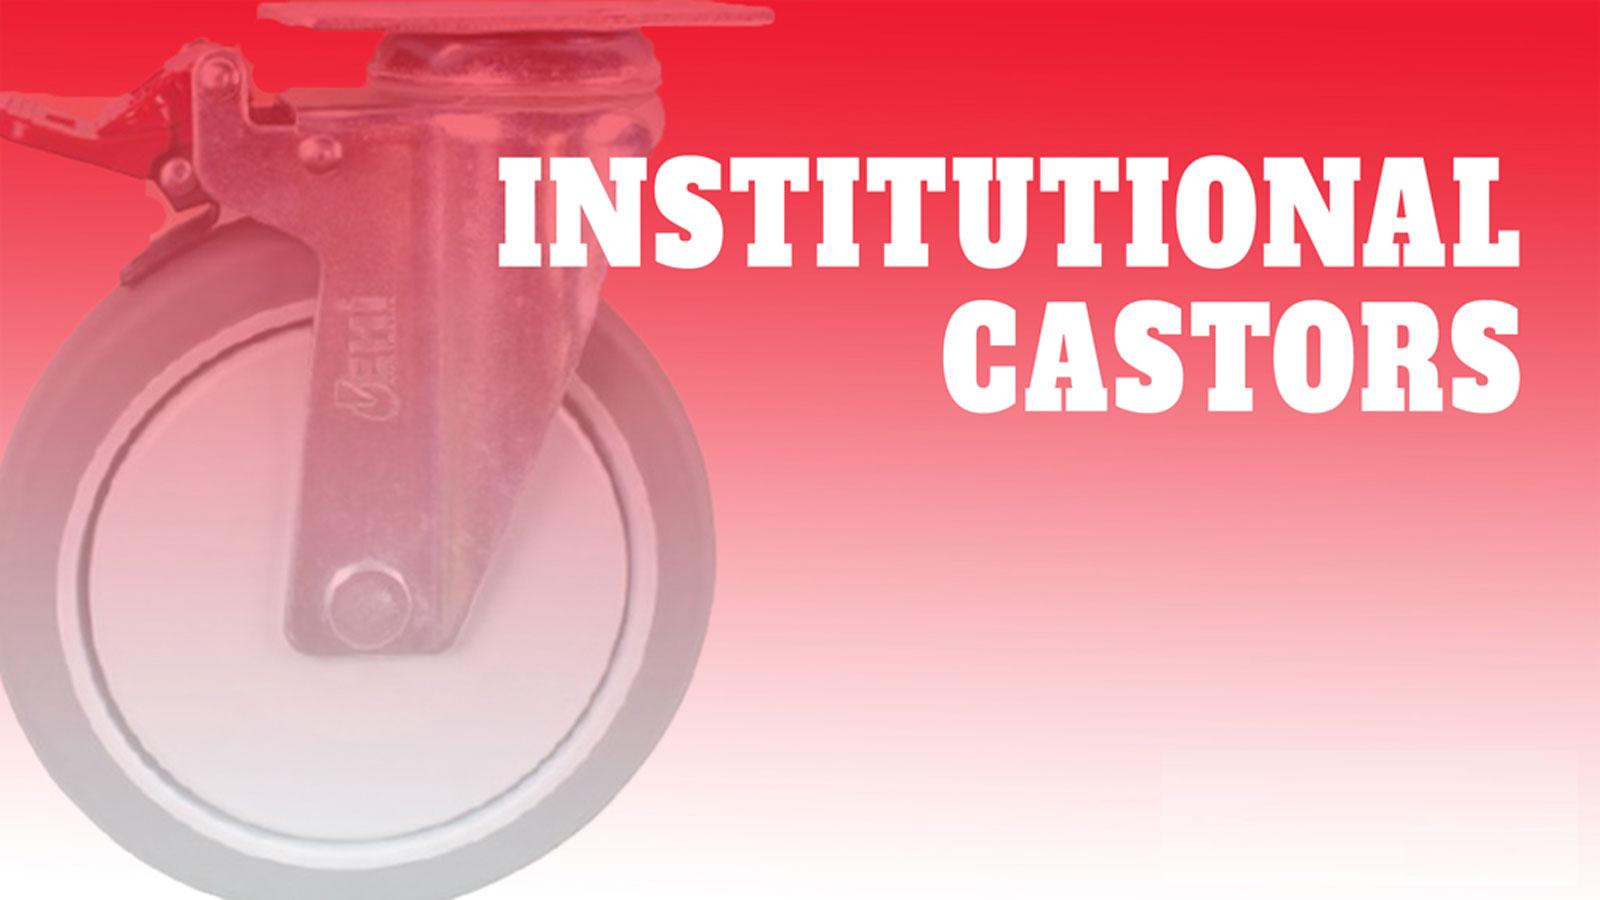 Castor-Institutional